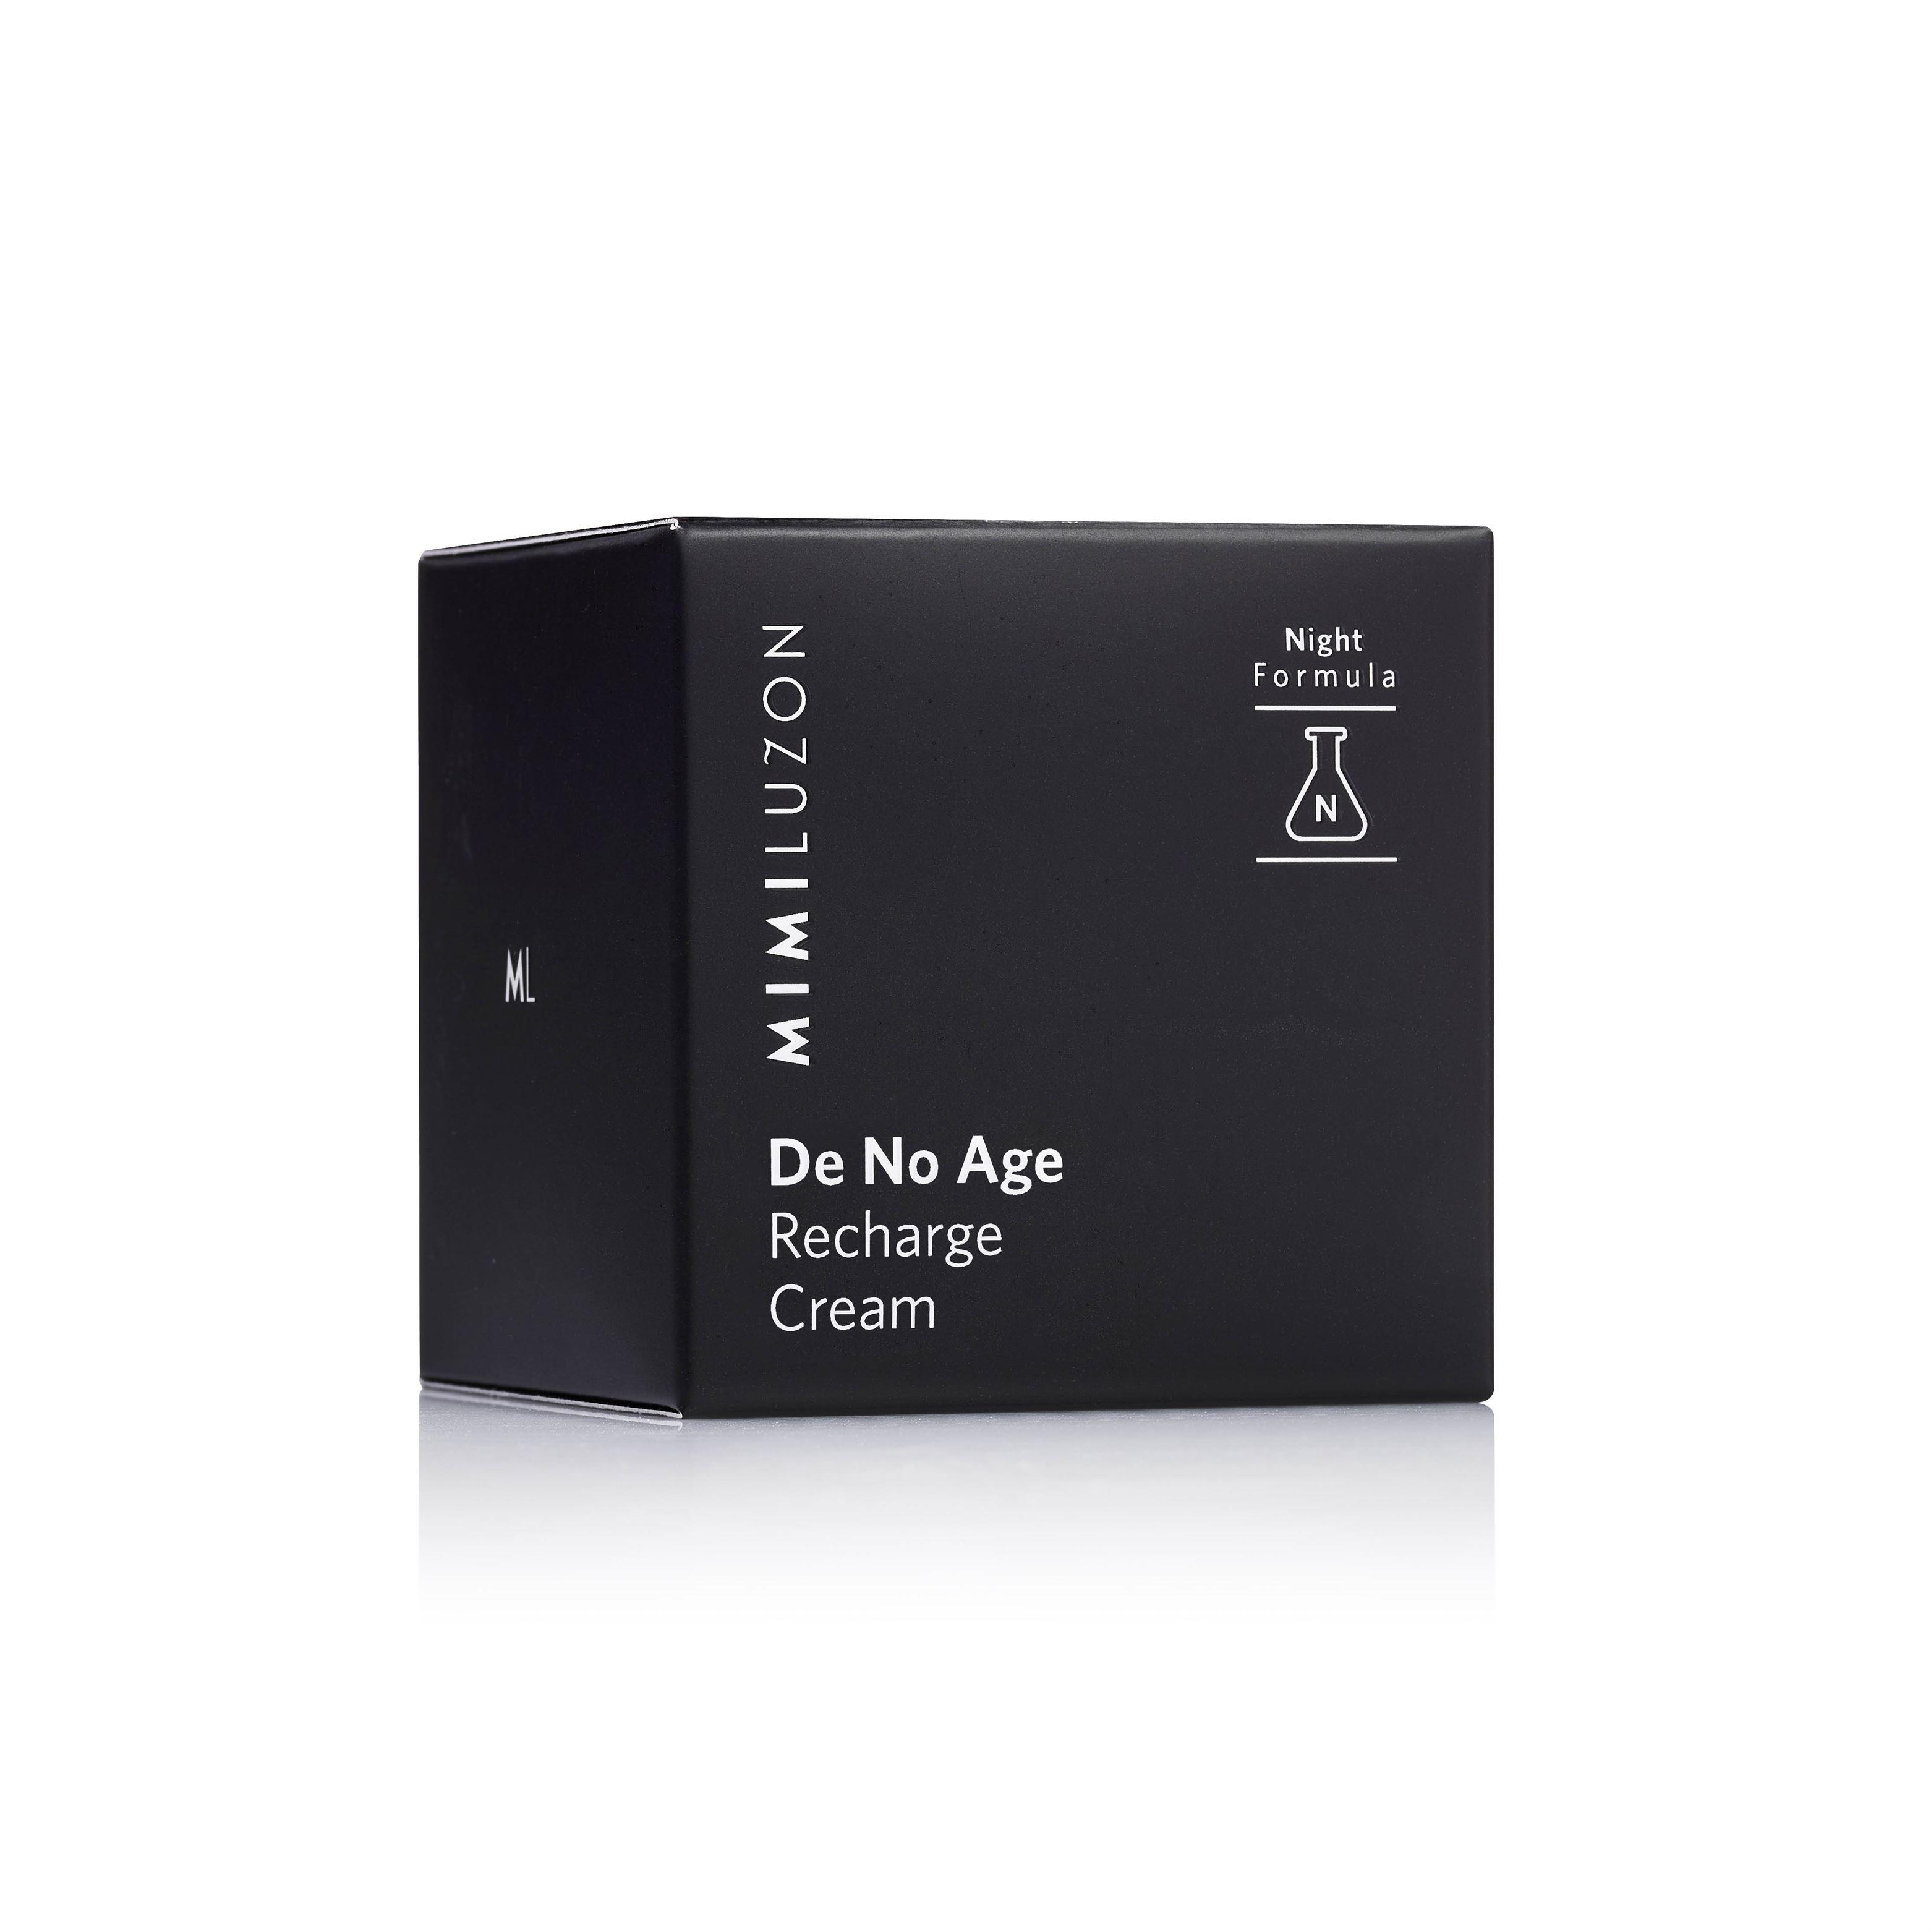 DeNoAge - Recharge Cream